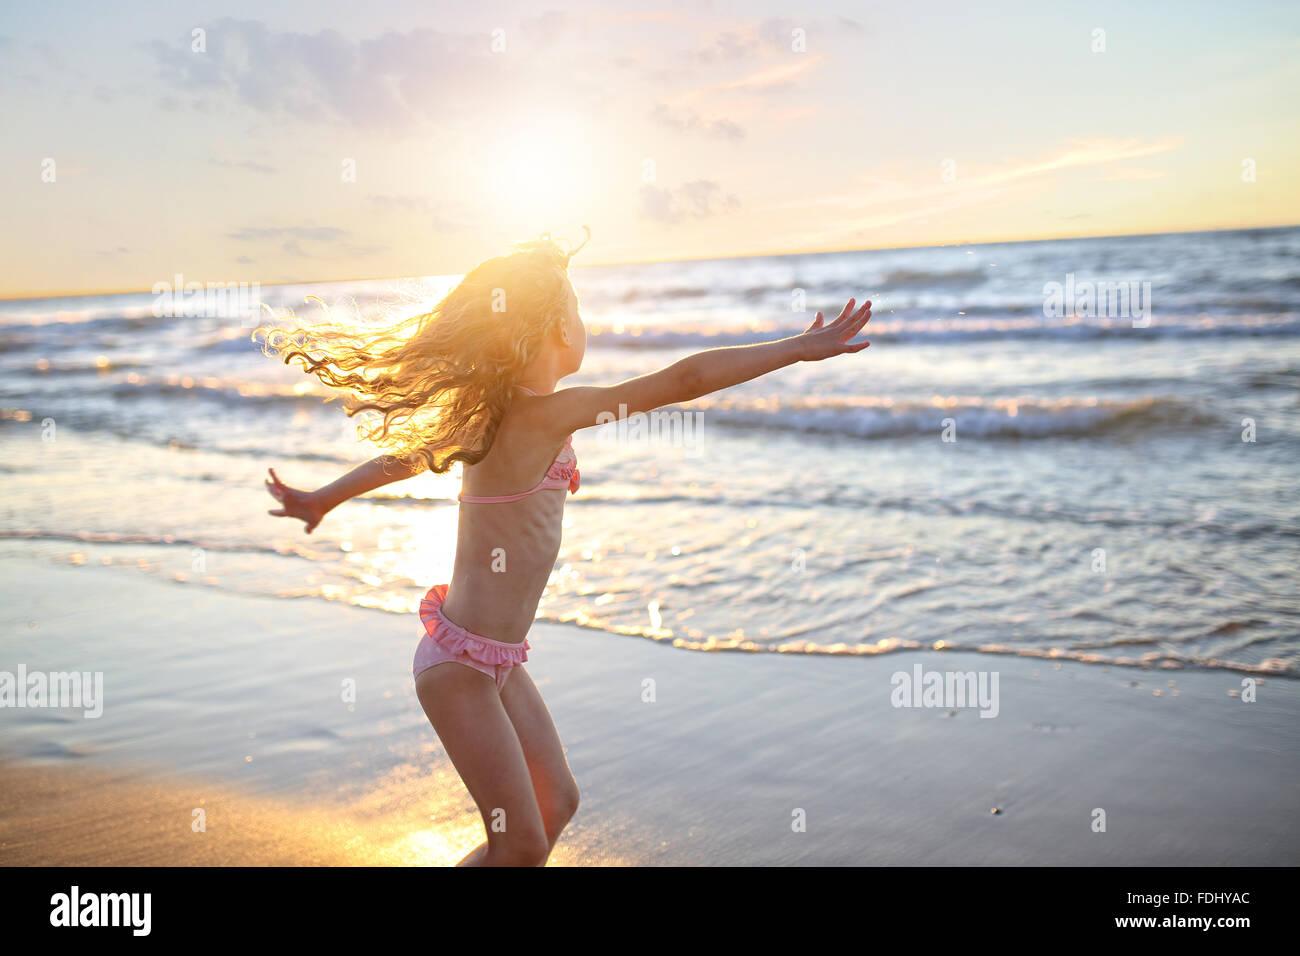 https://c8.alamy.com/compit/fdhyac/felice-bambina-con-ricci-capelli-lunghi-dancing-in-un-costume-da-bagno-durante-il-tramonto-fdhyac.jpg